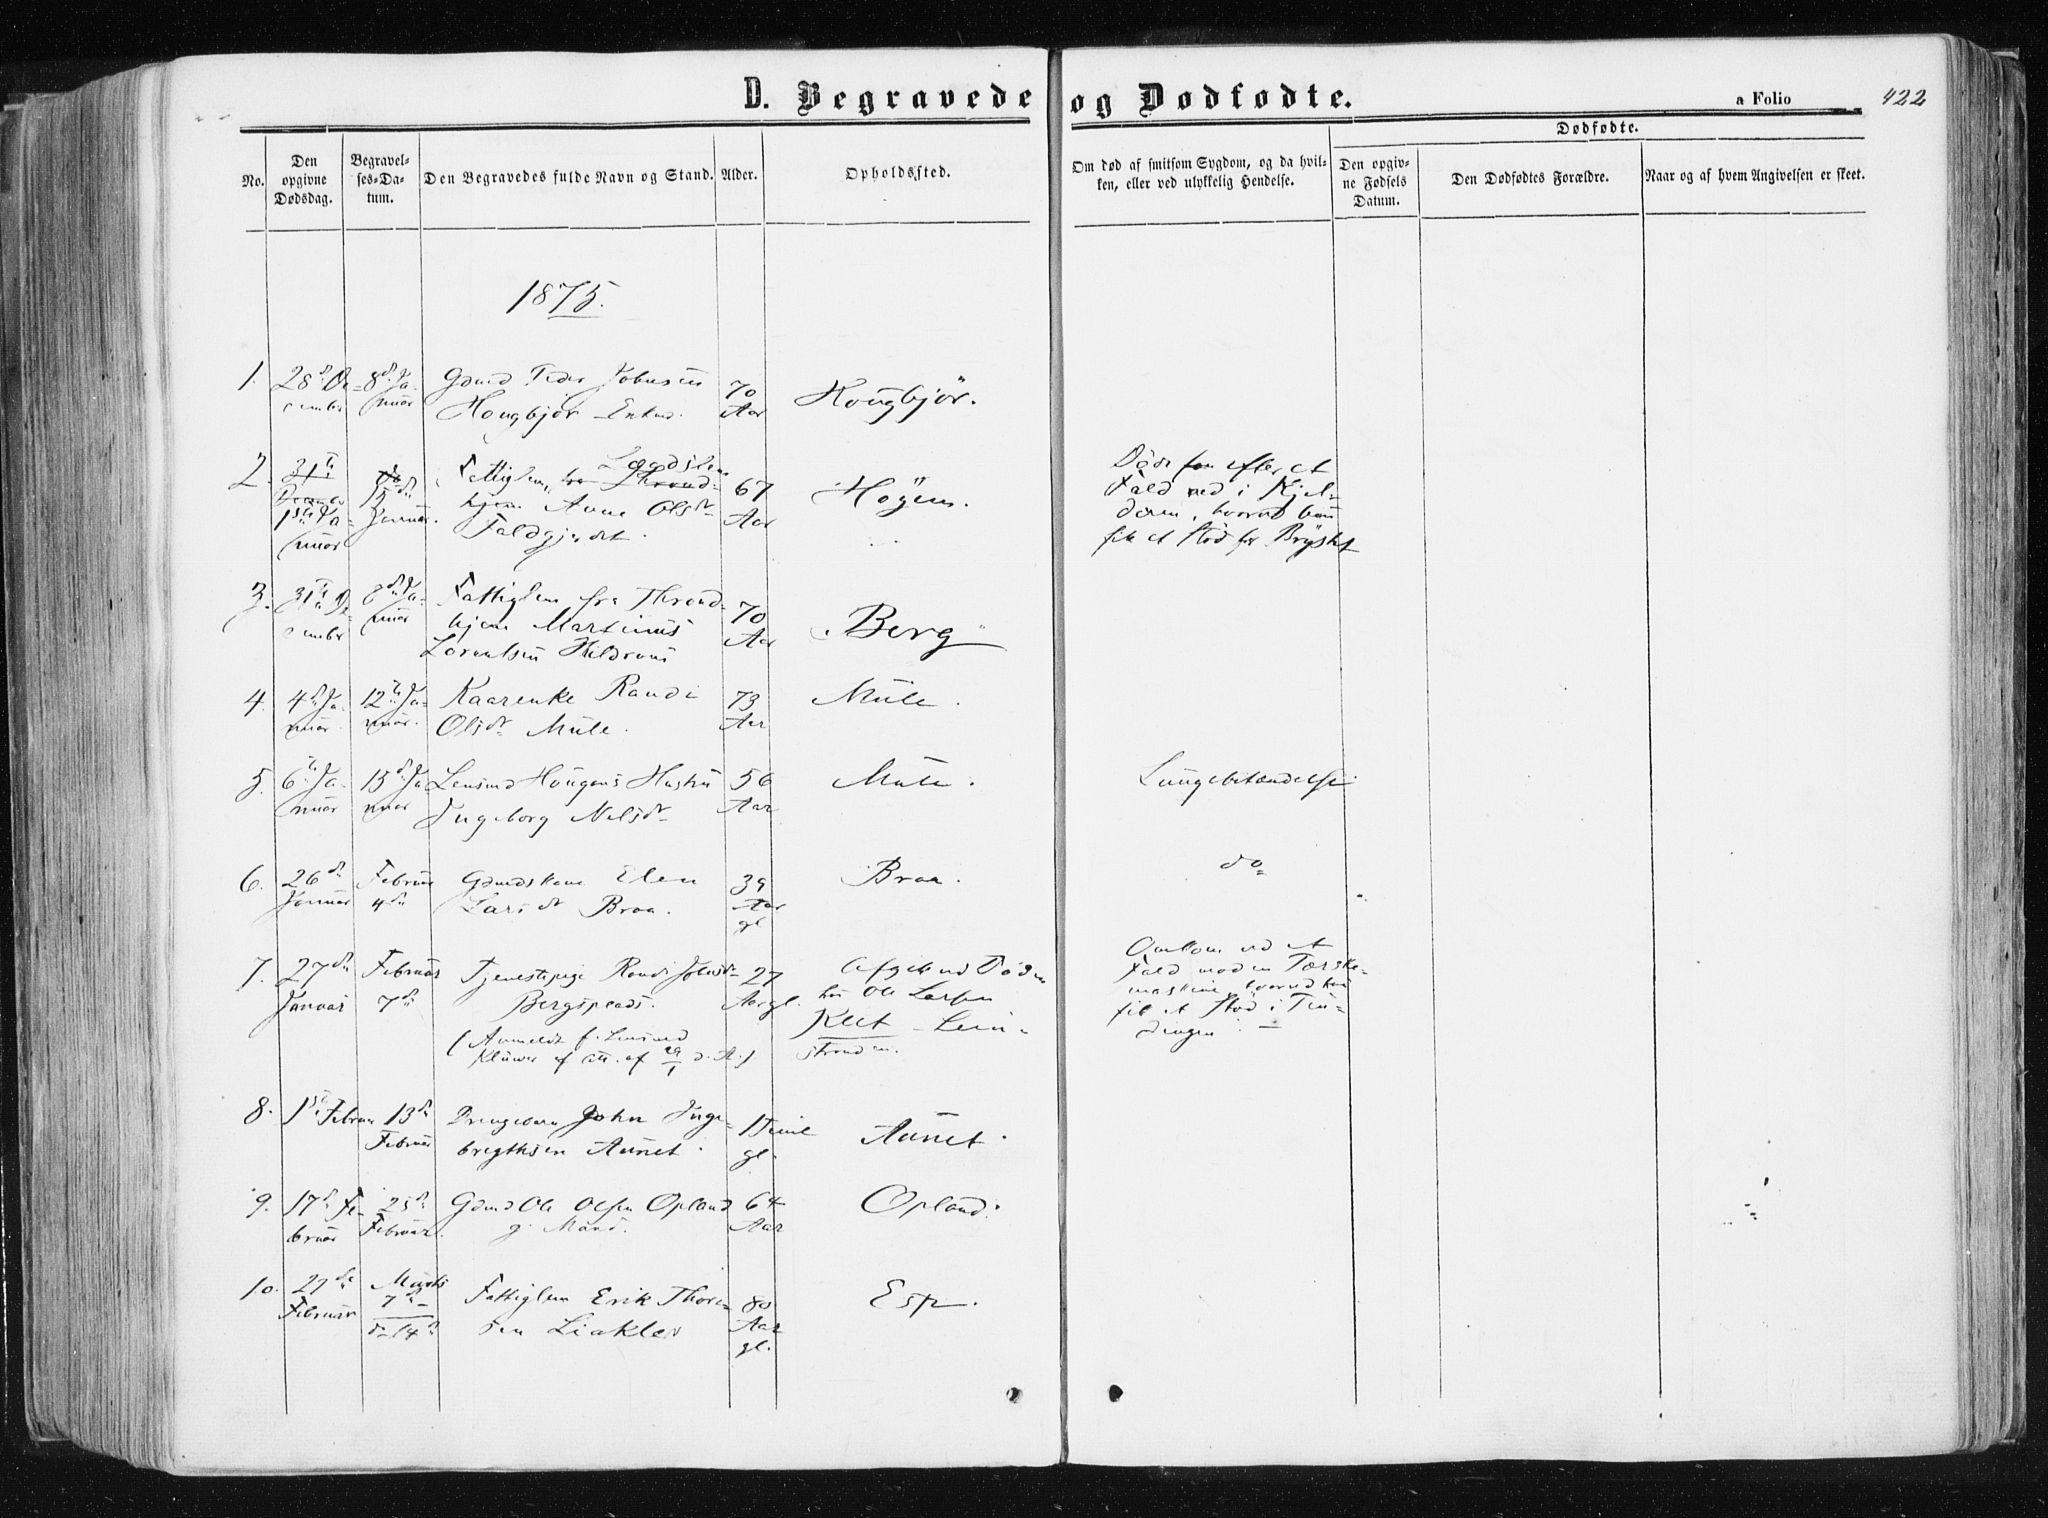 SAT, Ministerialprotokoller, klokkerbøker og fødselsregistre - Sør-Trøndelag, 612/L0377: Ministerialbok nr. 612A09, 1859-1877, s. 422